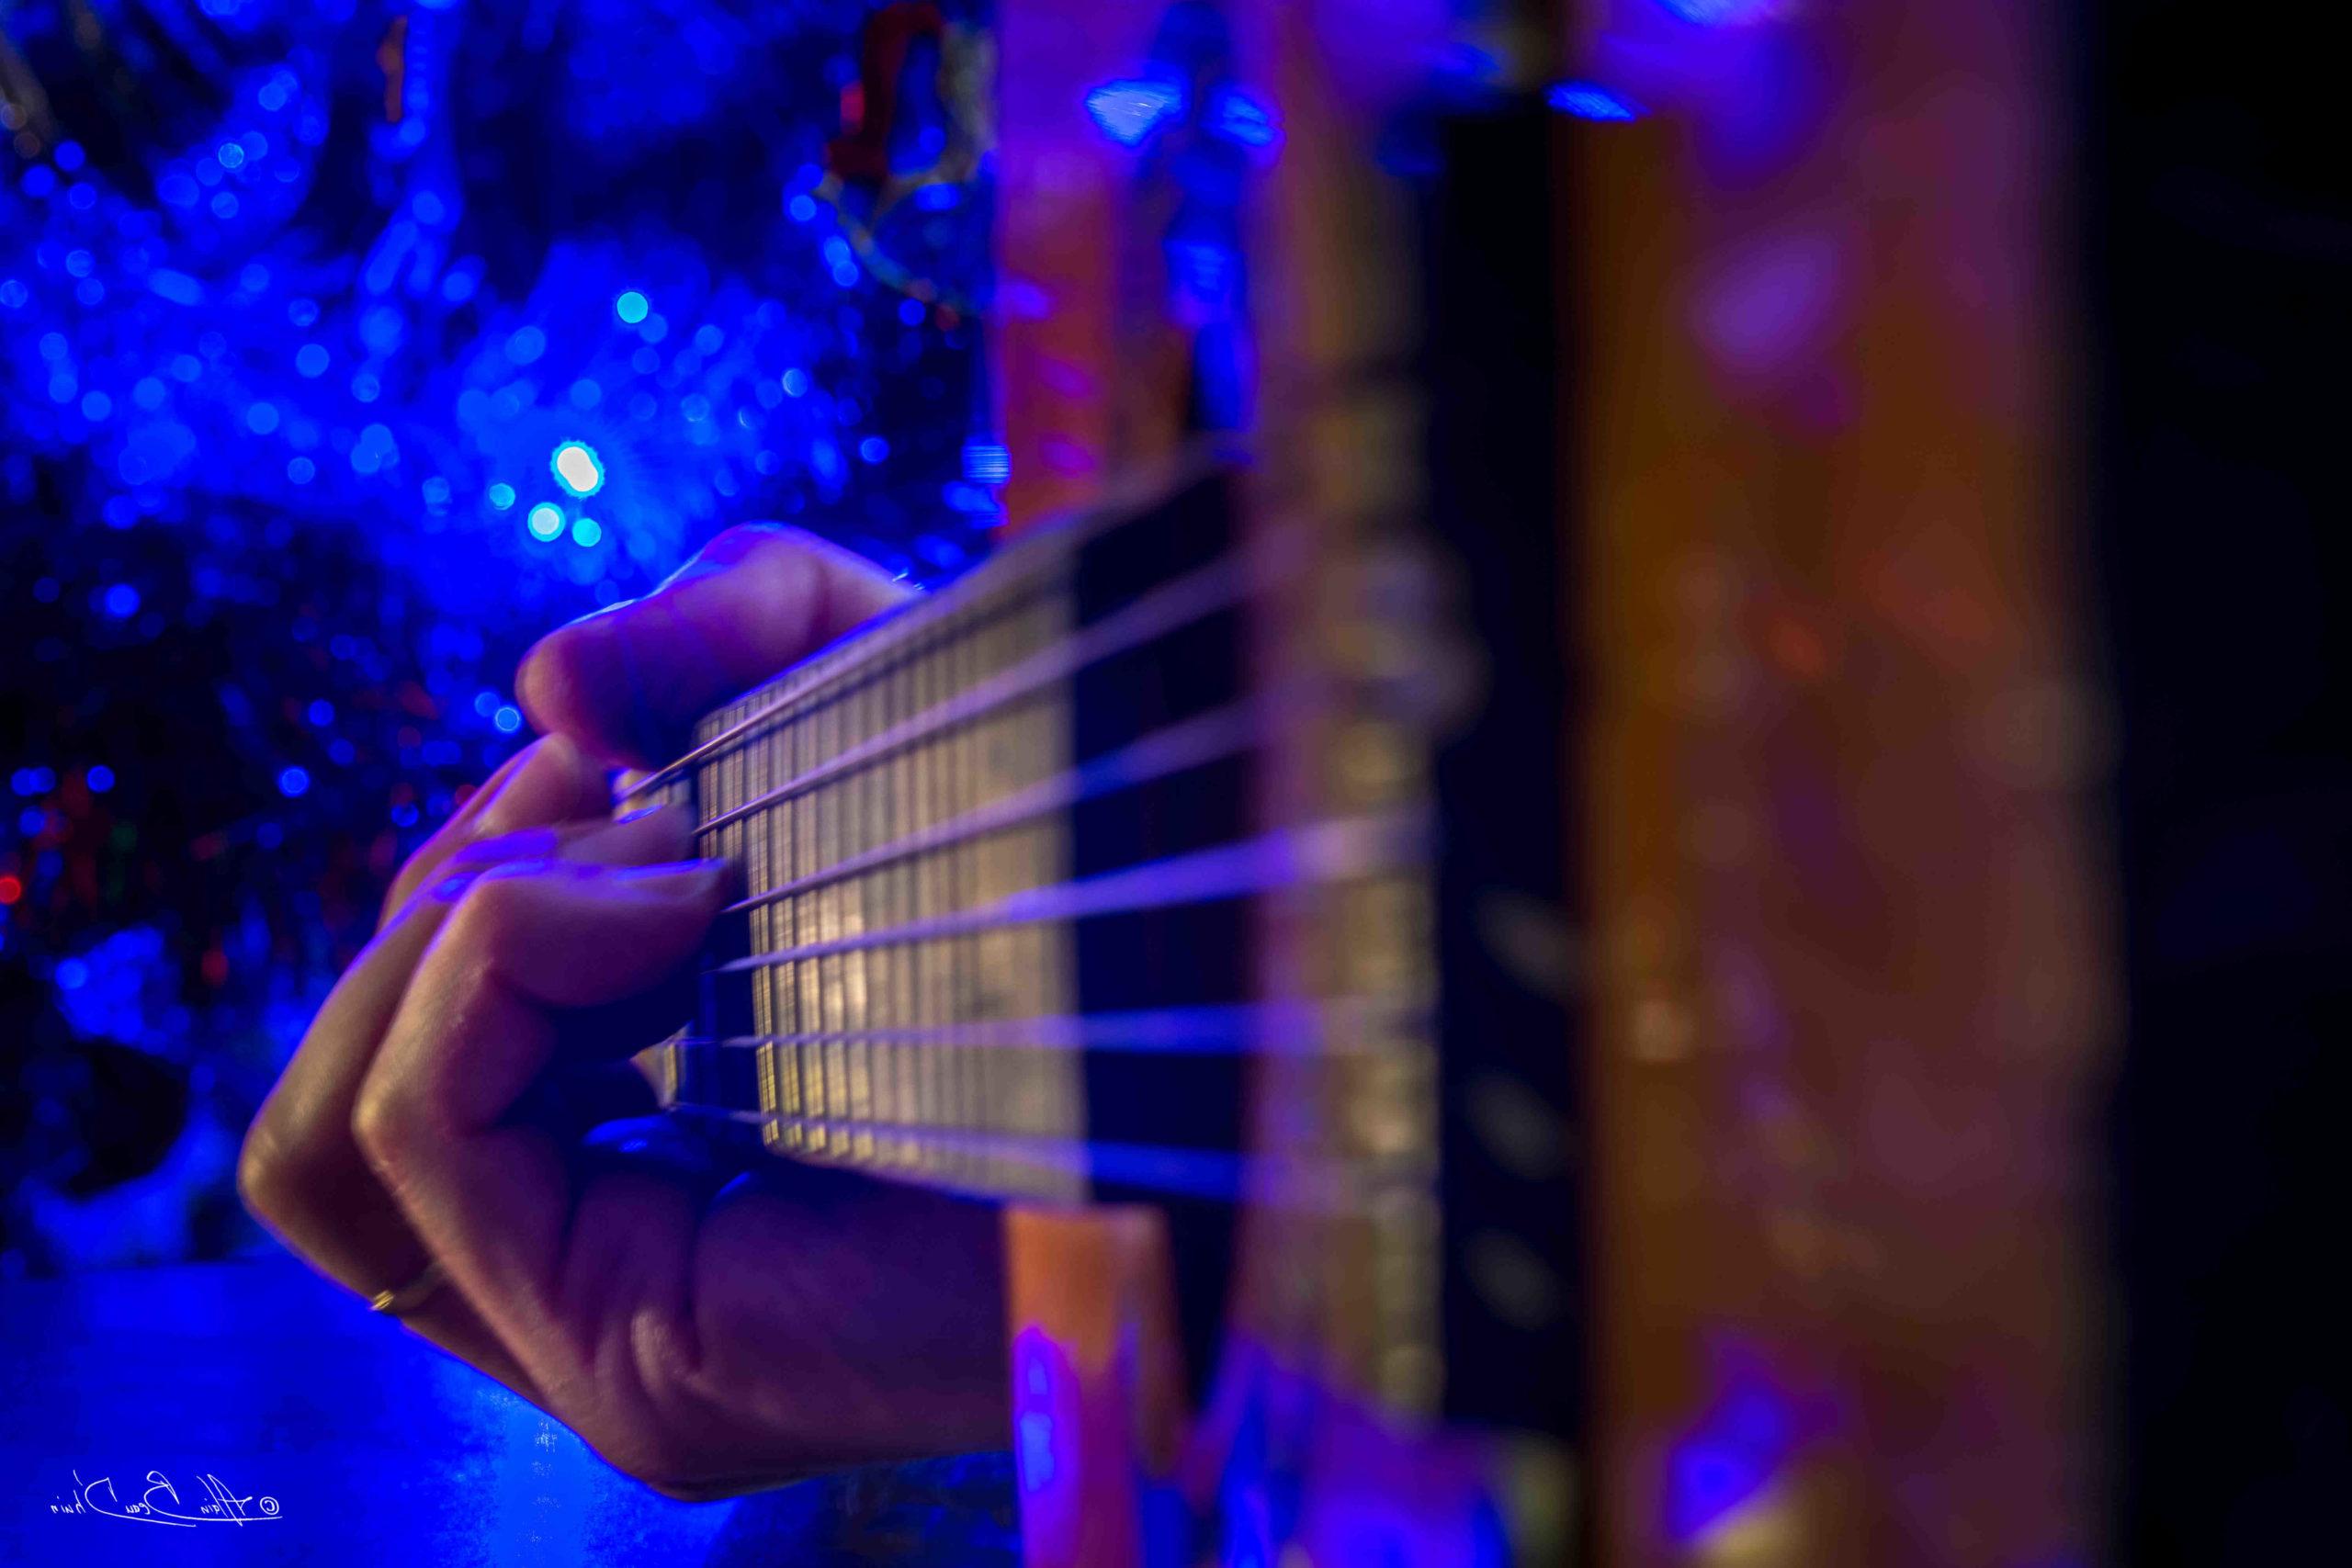 Comment placer ses doigts sur une guitare